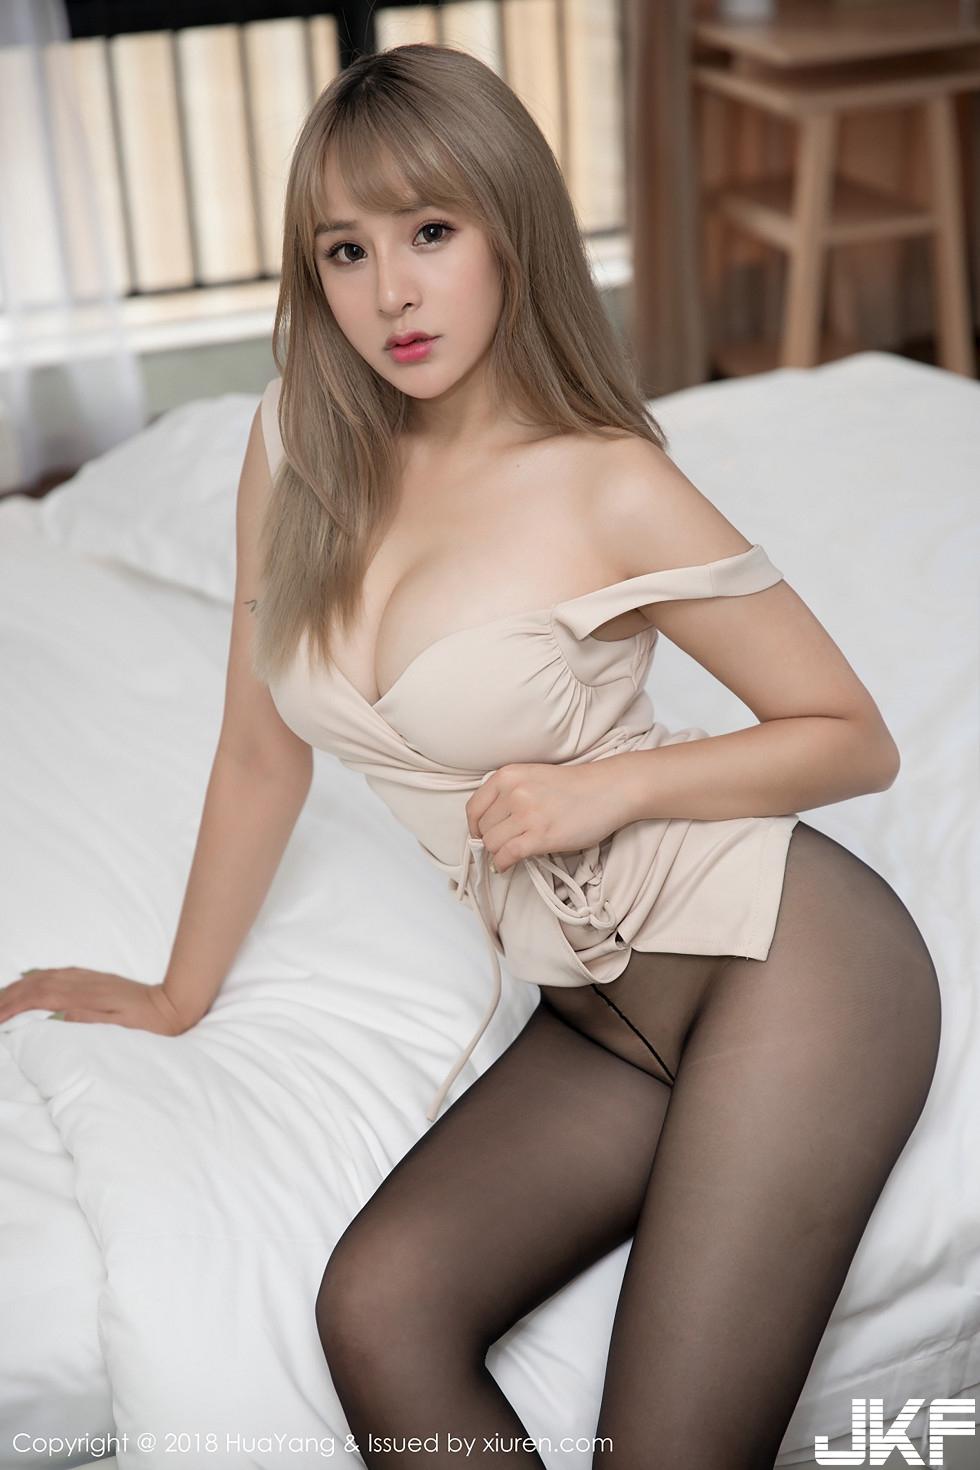 女神思淇Sukiiii肉色低胸連身裙配無內黑絲褲襪誘惑寫真 - 貼圖 - 清涼寫真 -